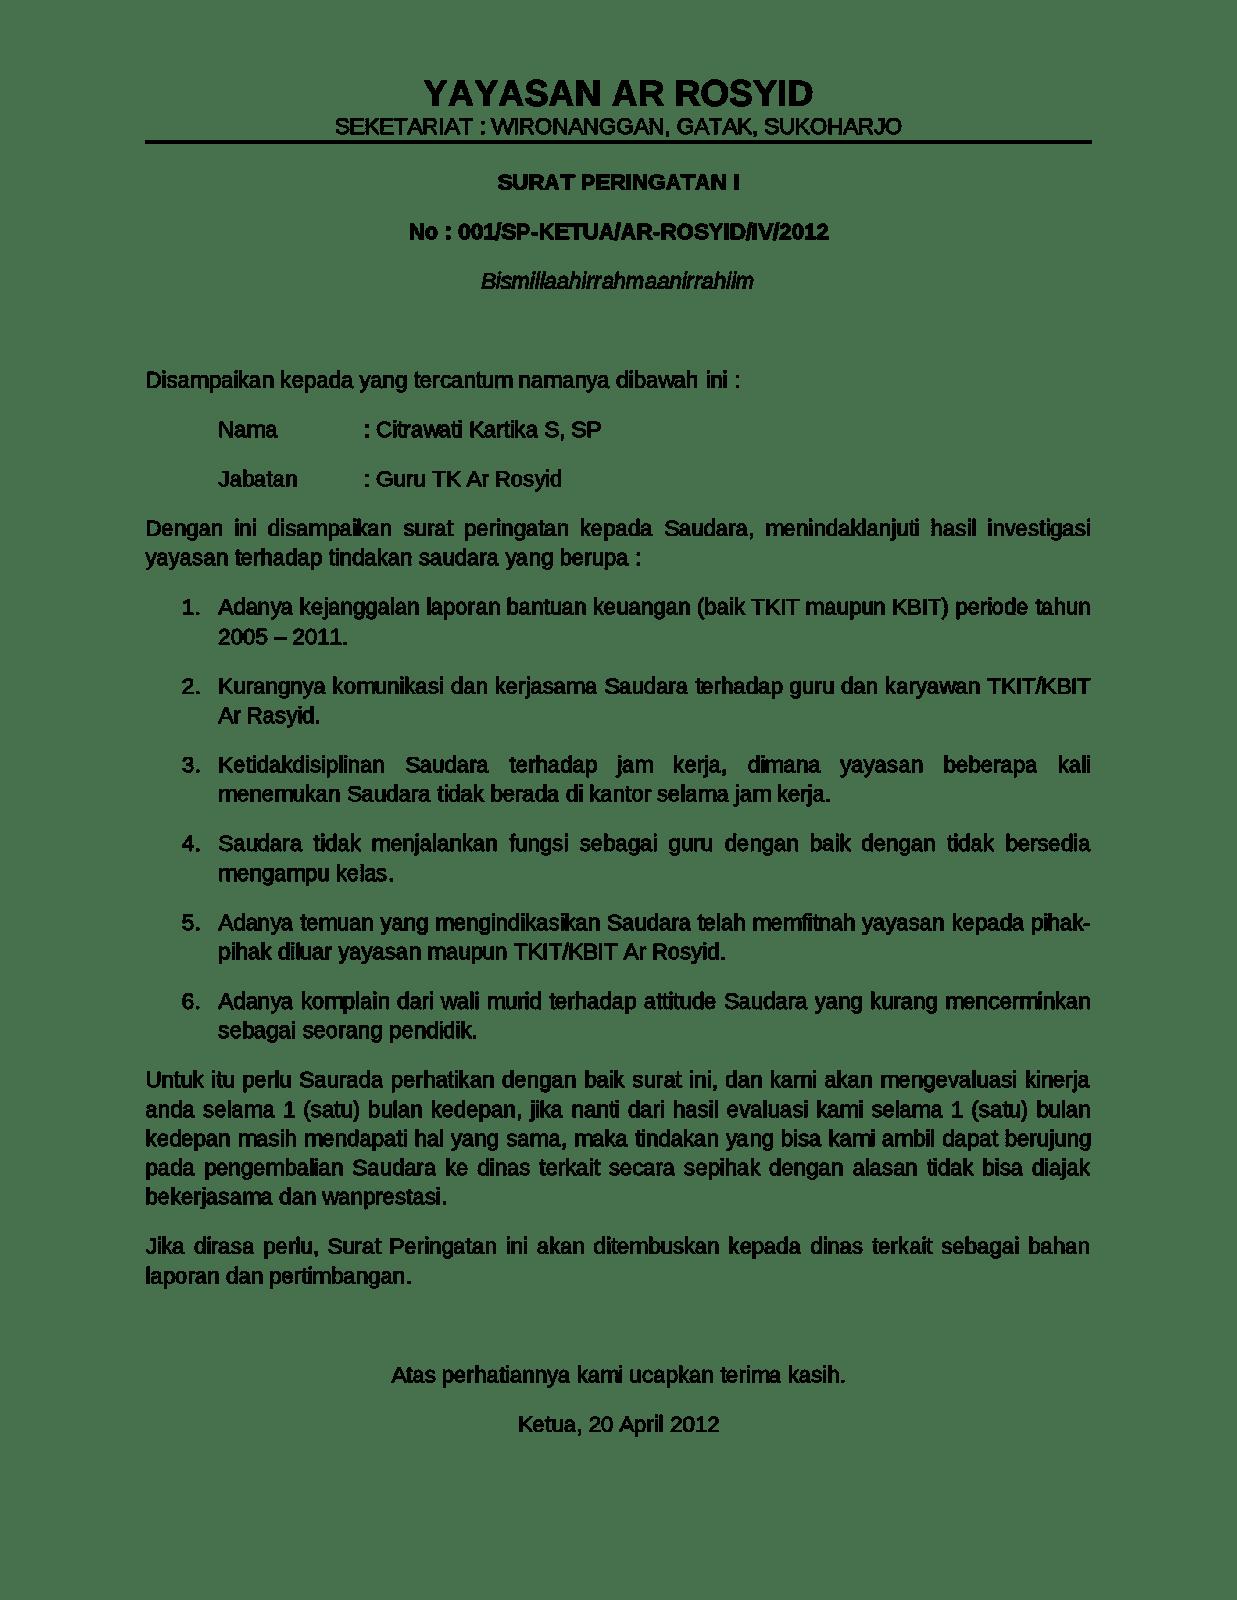 Contoh Surat Peringatan 1 Untuk Guru